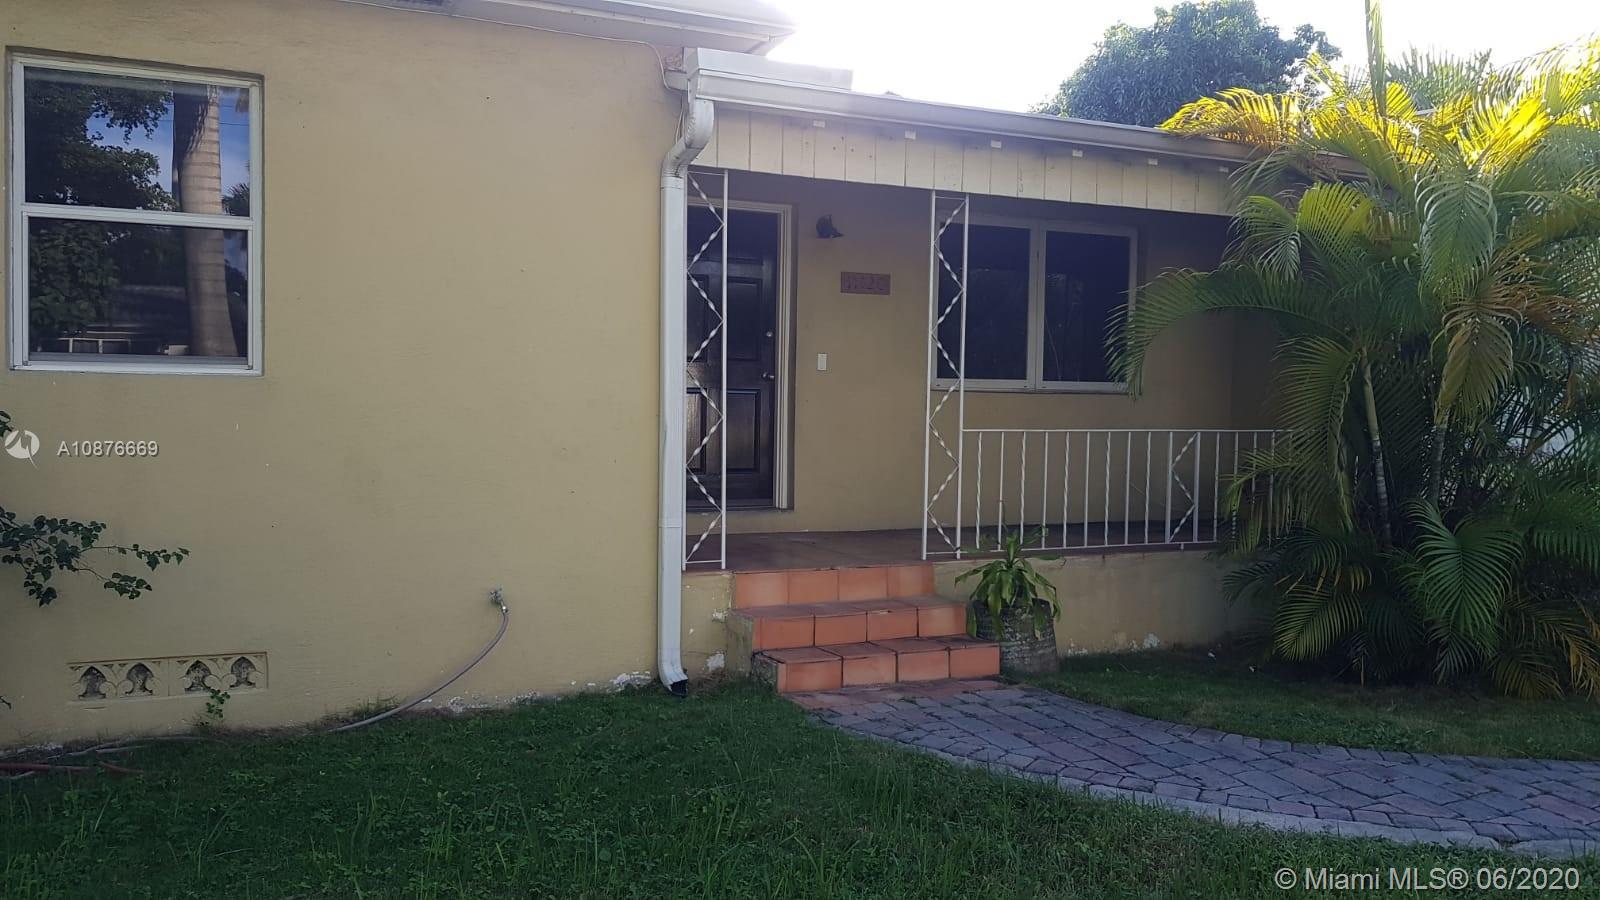 image #1 of property, Tuttles Sub